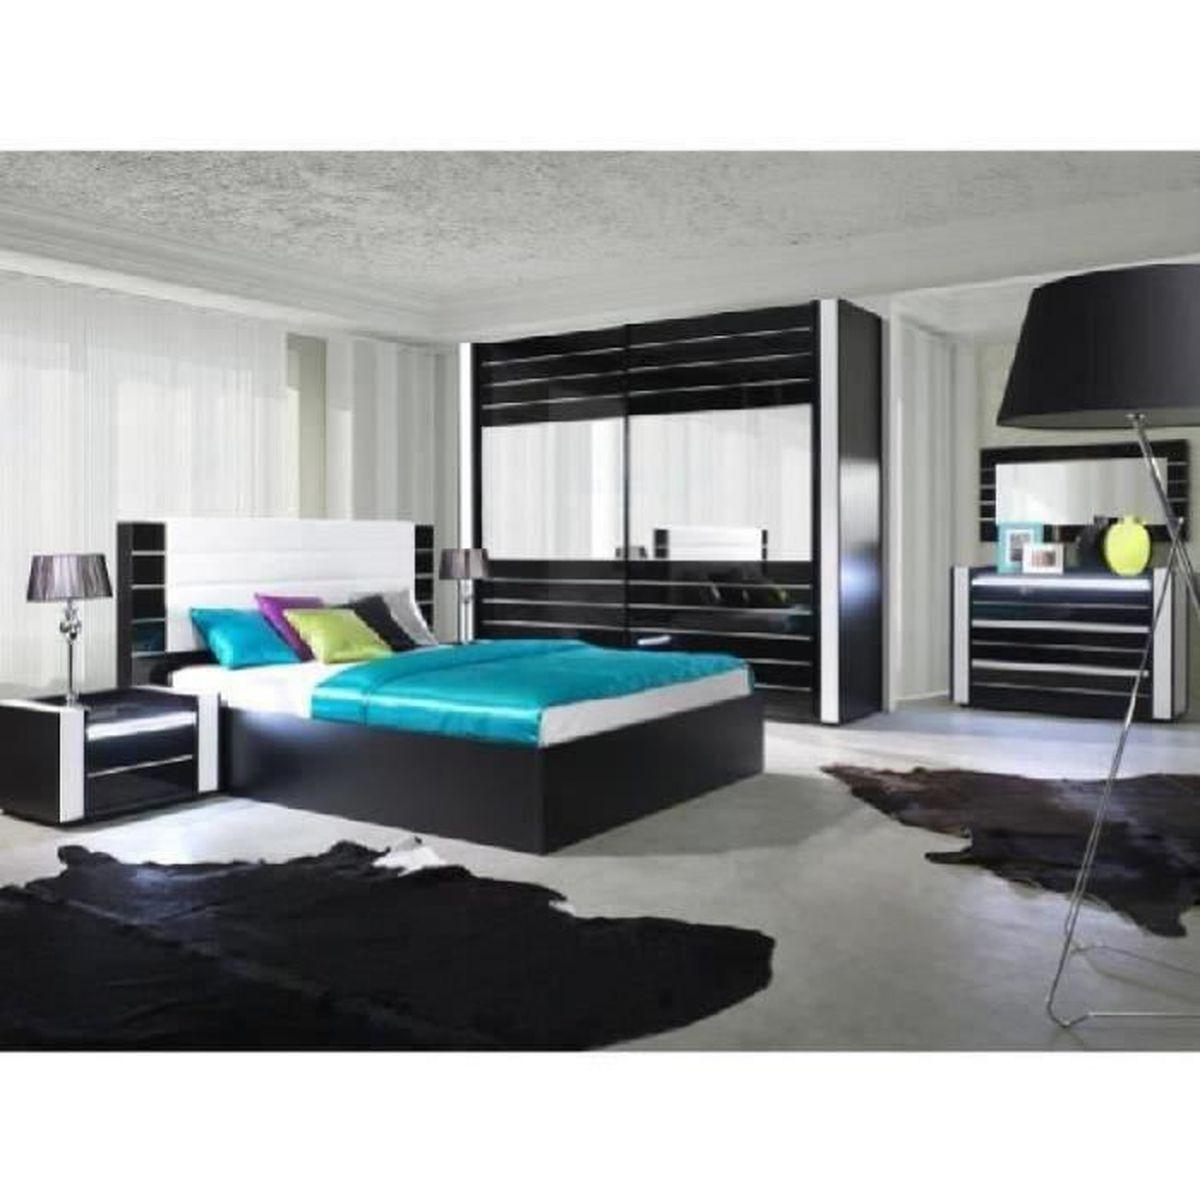 chambre complte chambre coucher complte lina blanche et noire l